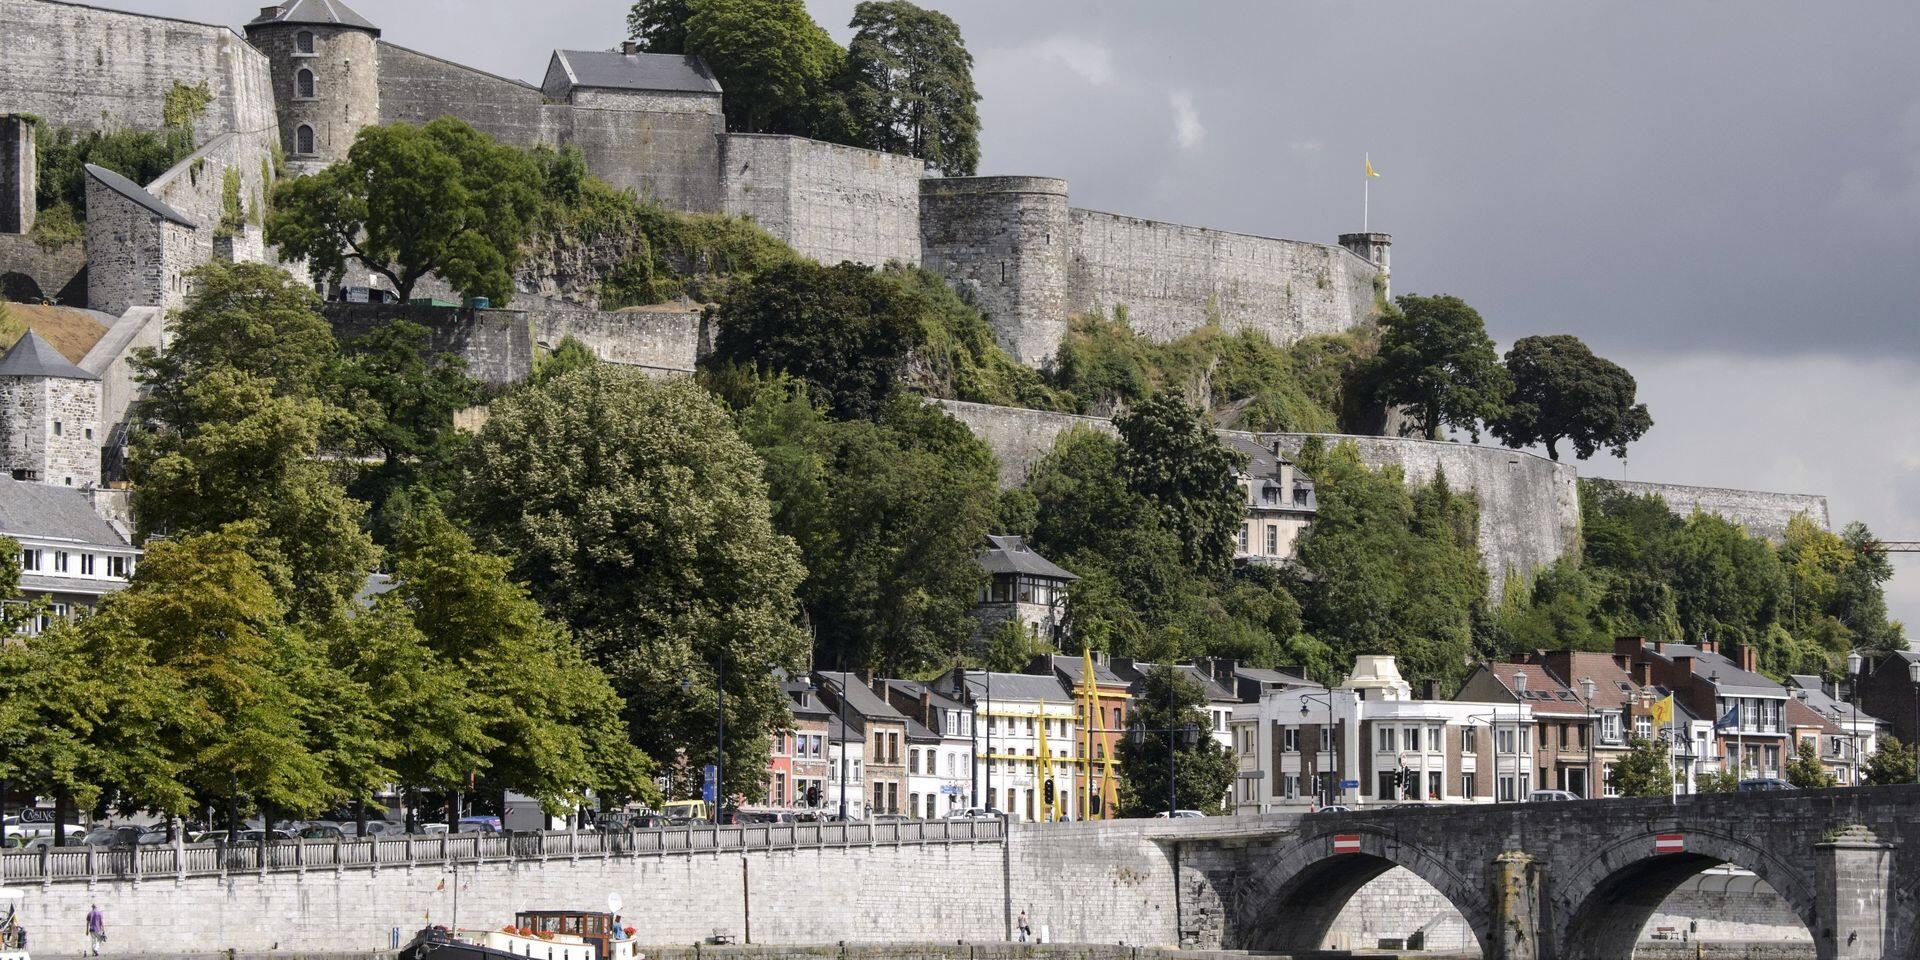 La Citadelle de Namur recherche les para-commandos qui ont été présents sur son site